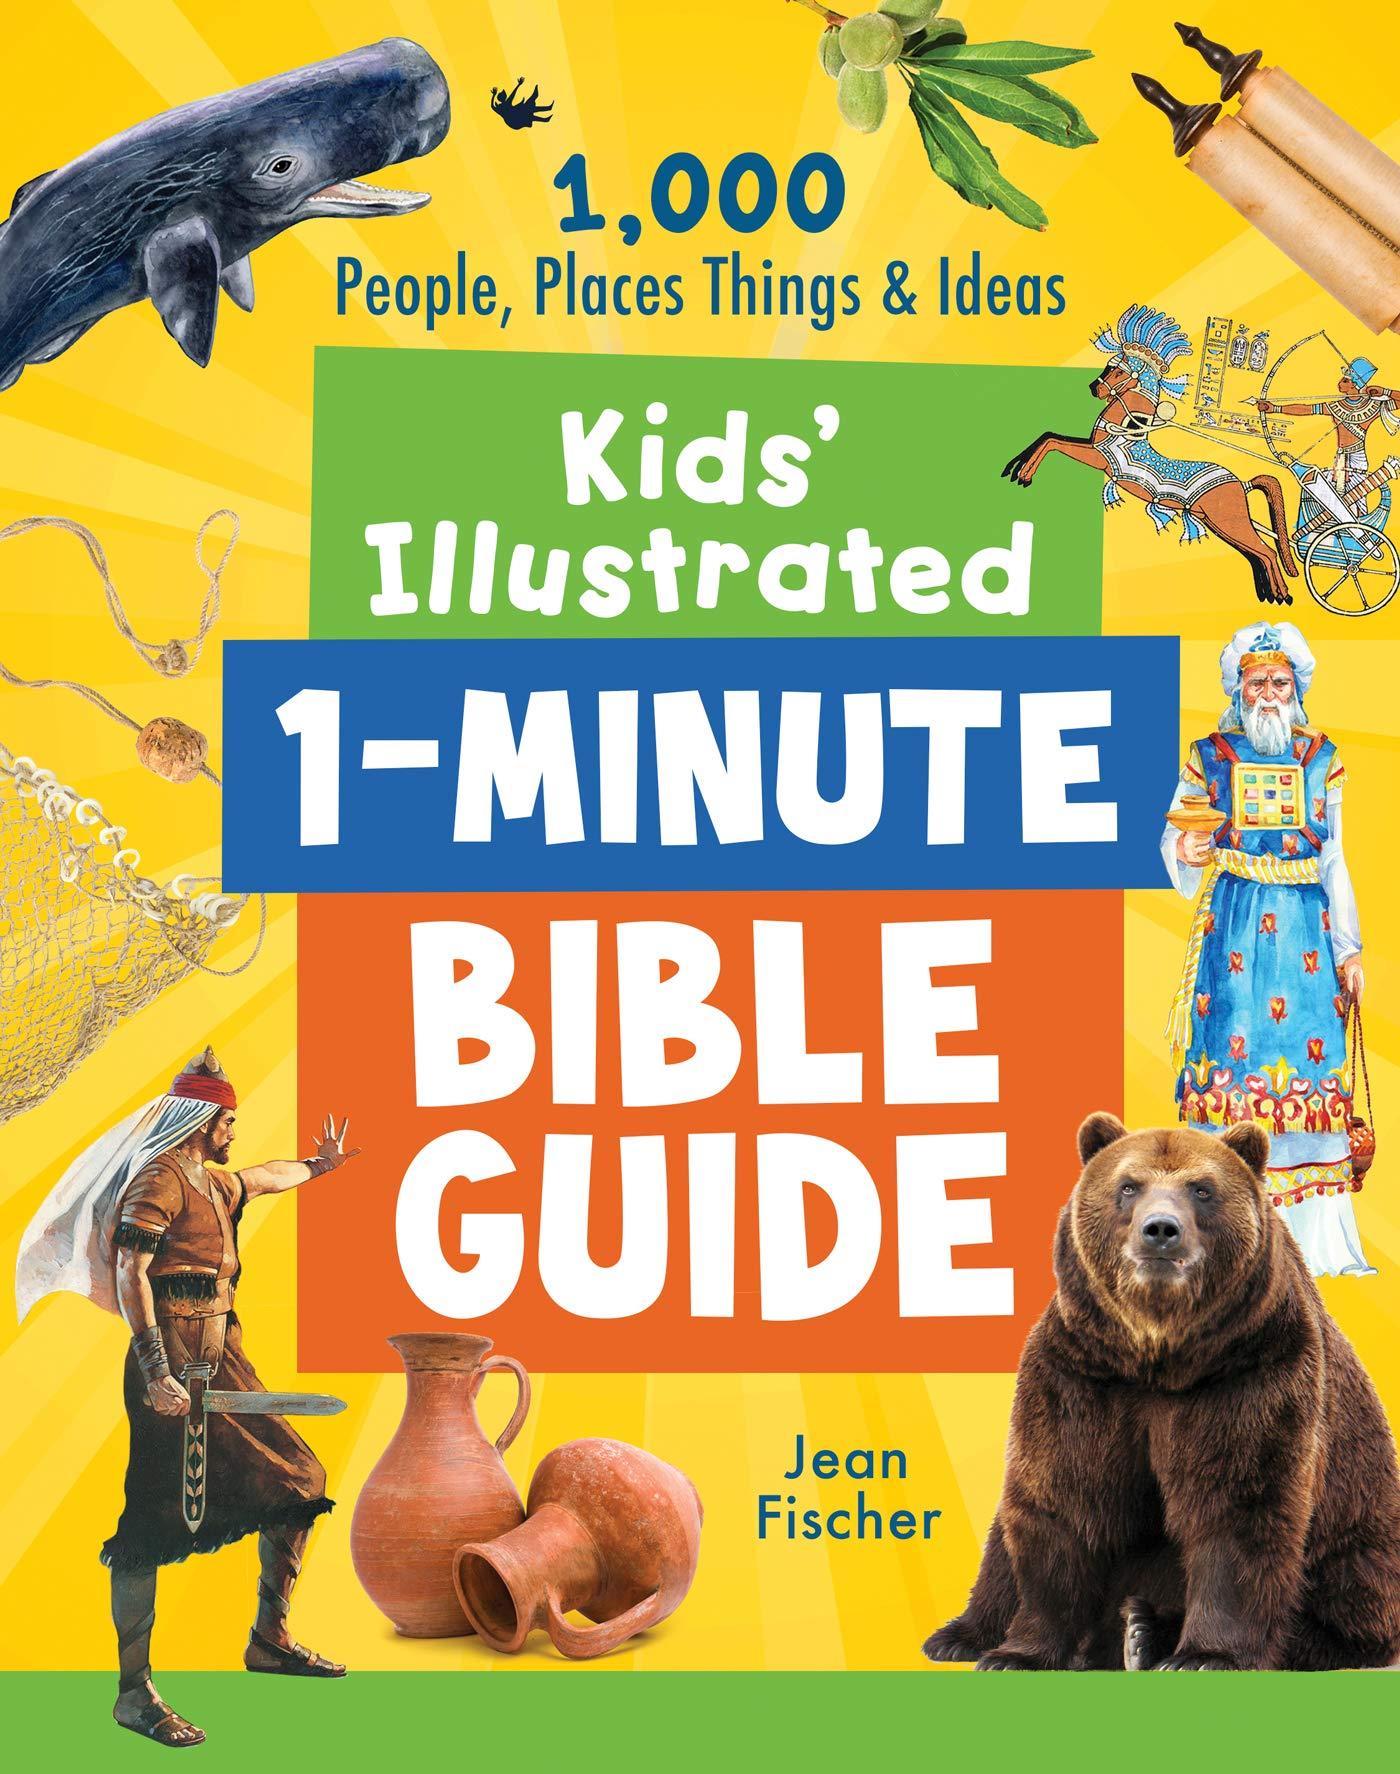 BibleGuidejpg